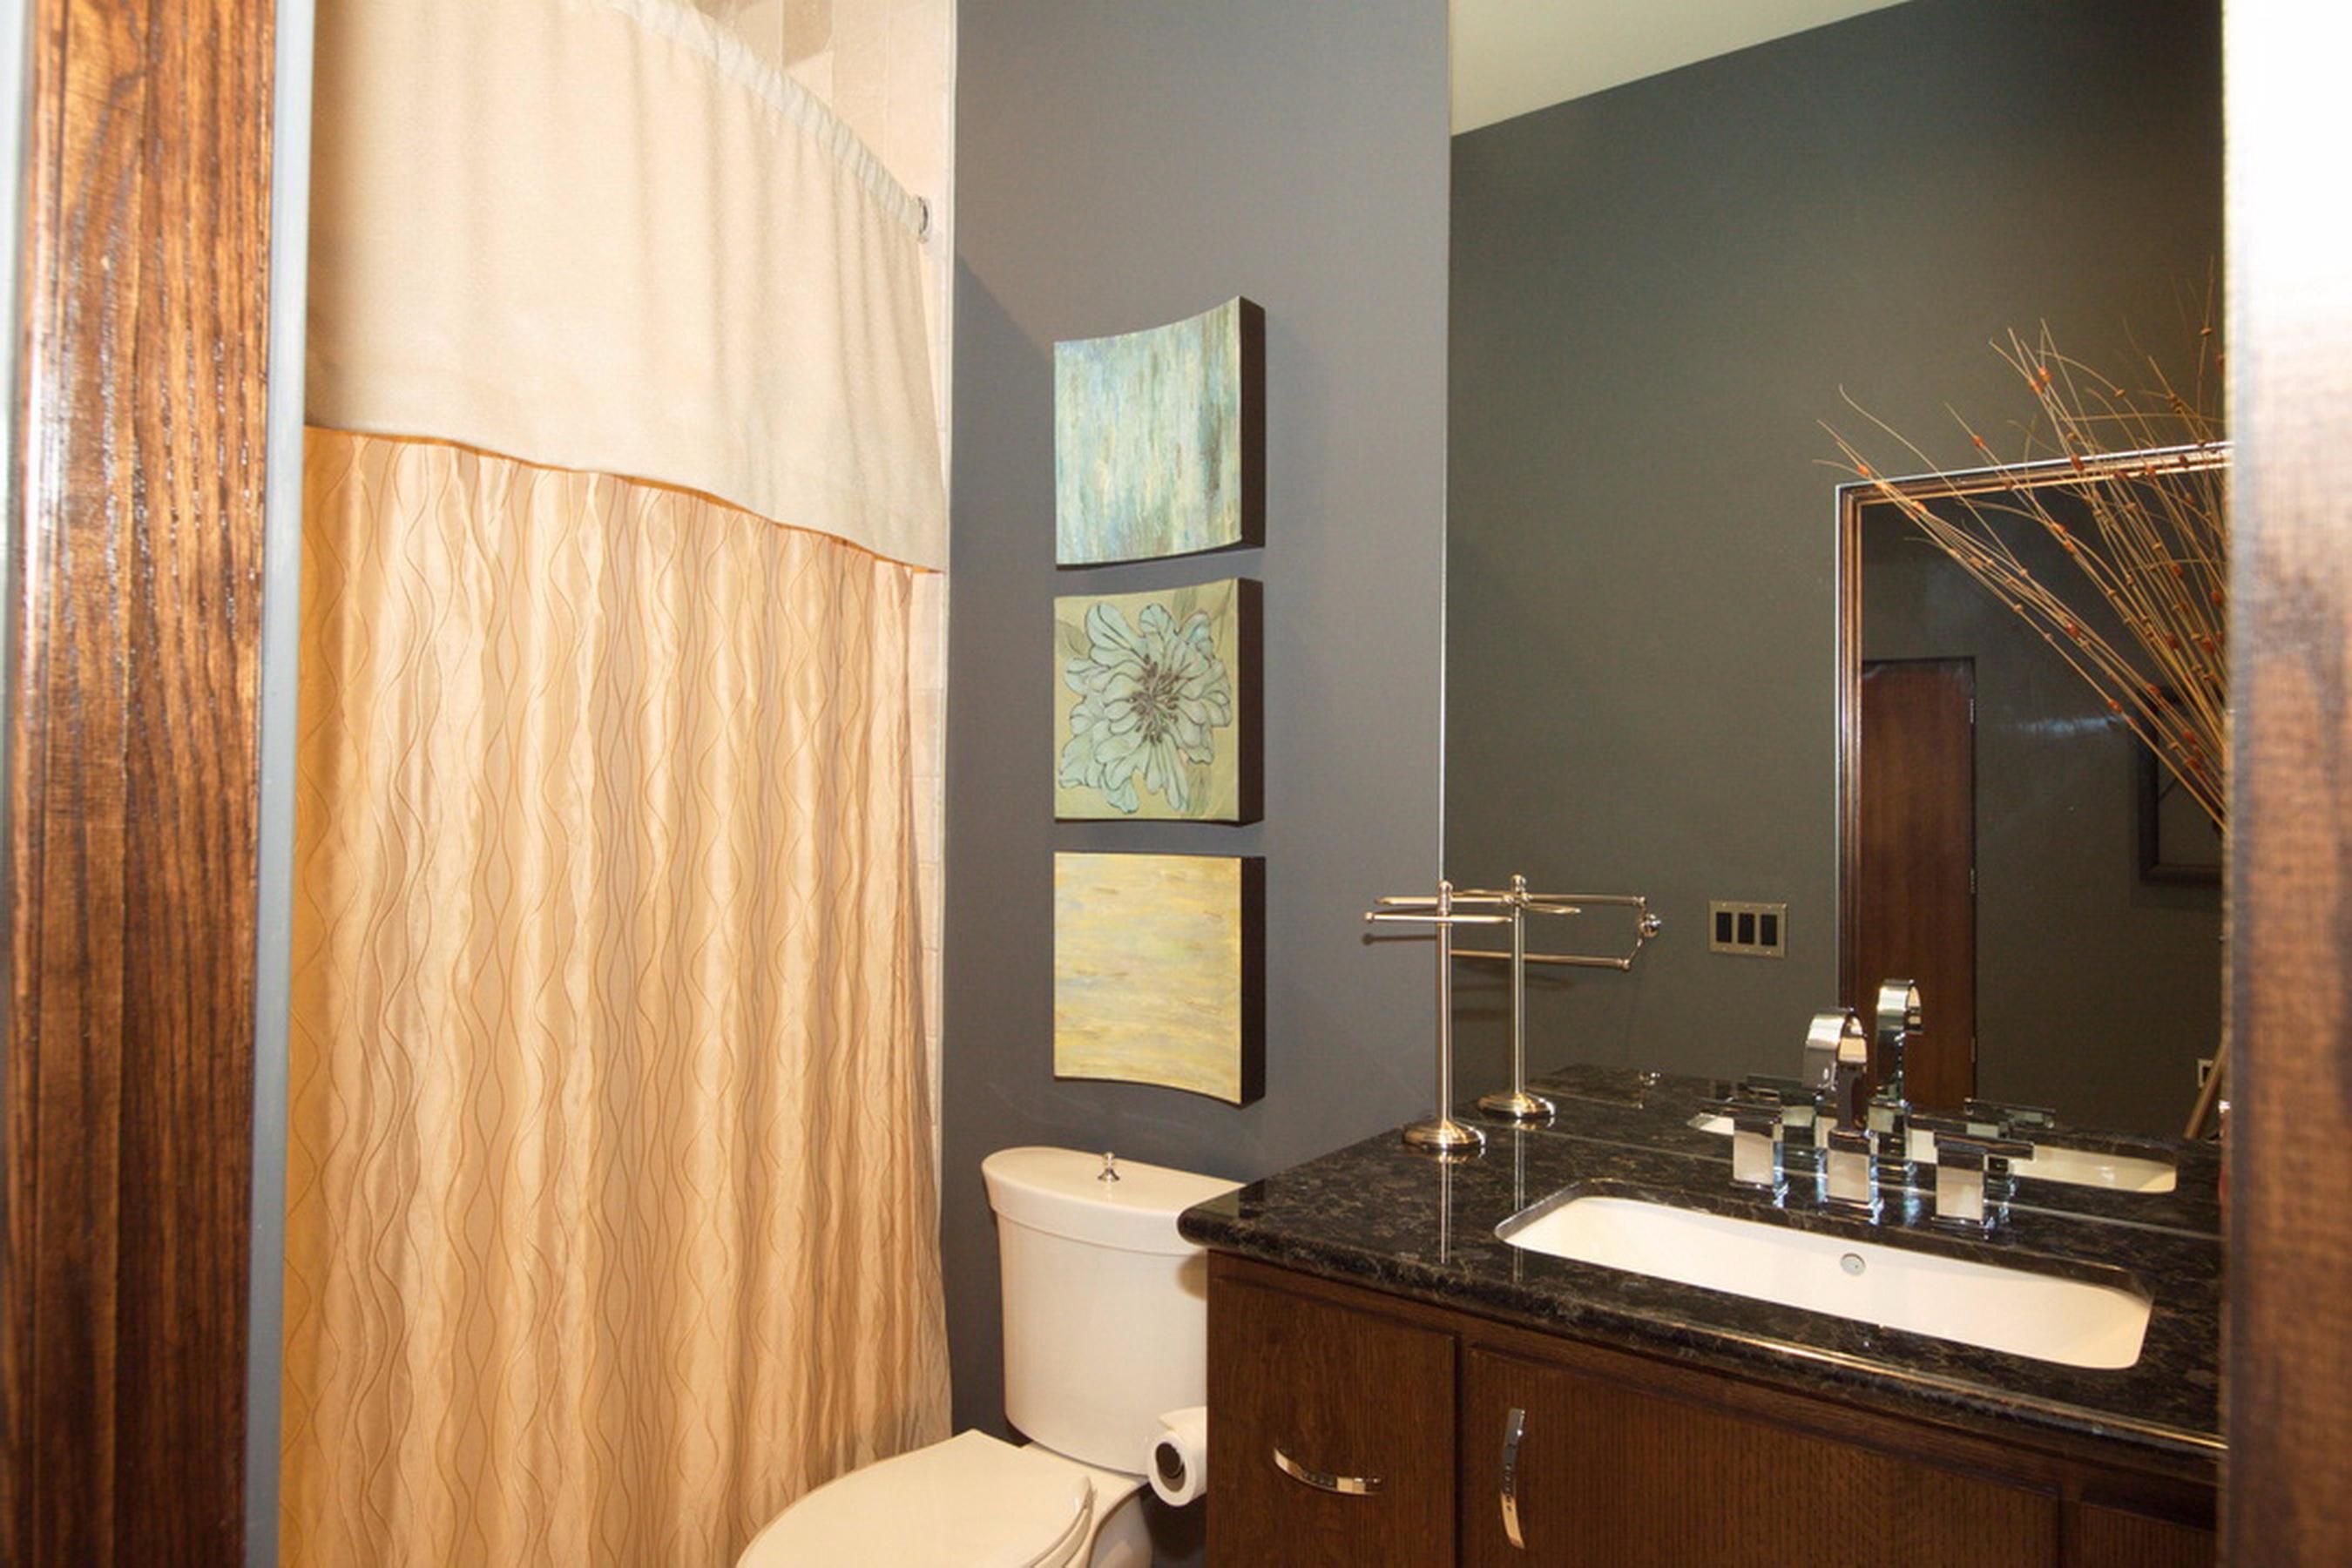 33-Ll Guest Bed Room